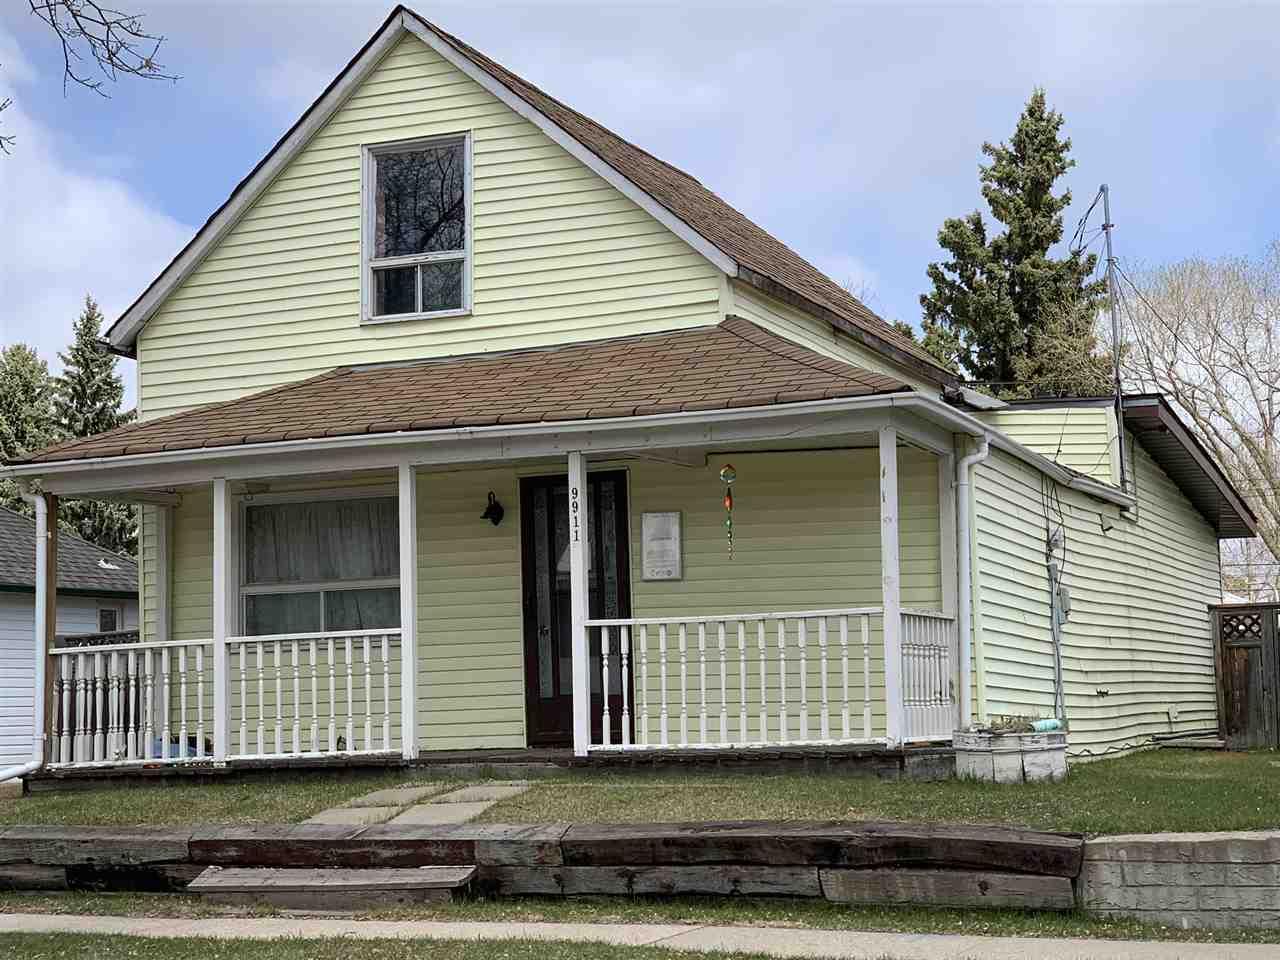 9911 107 Street, Fort Saskatchewan, MLS® # E4173272